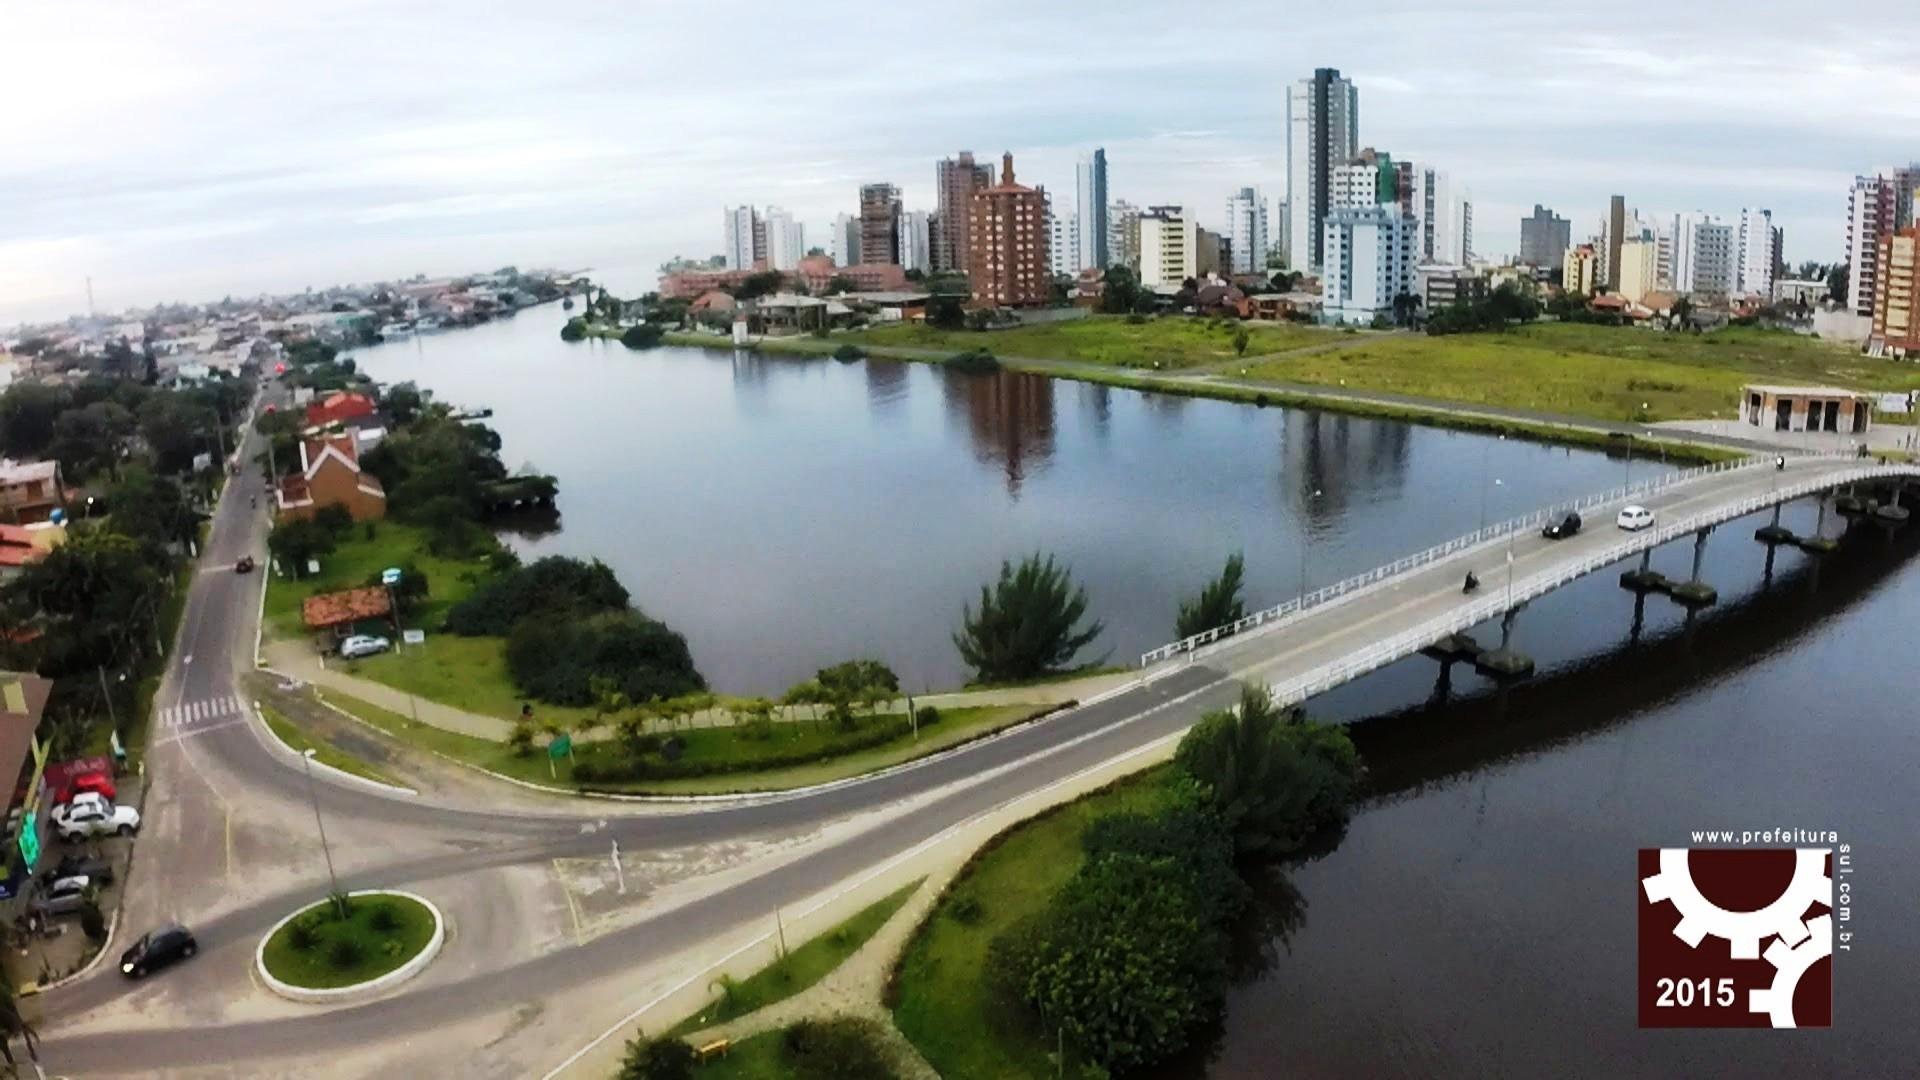 Fonte: afolhatorres.com.br